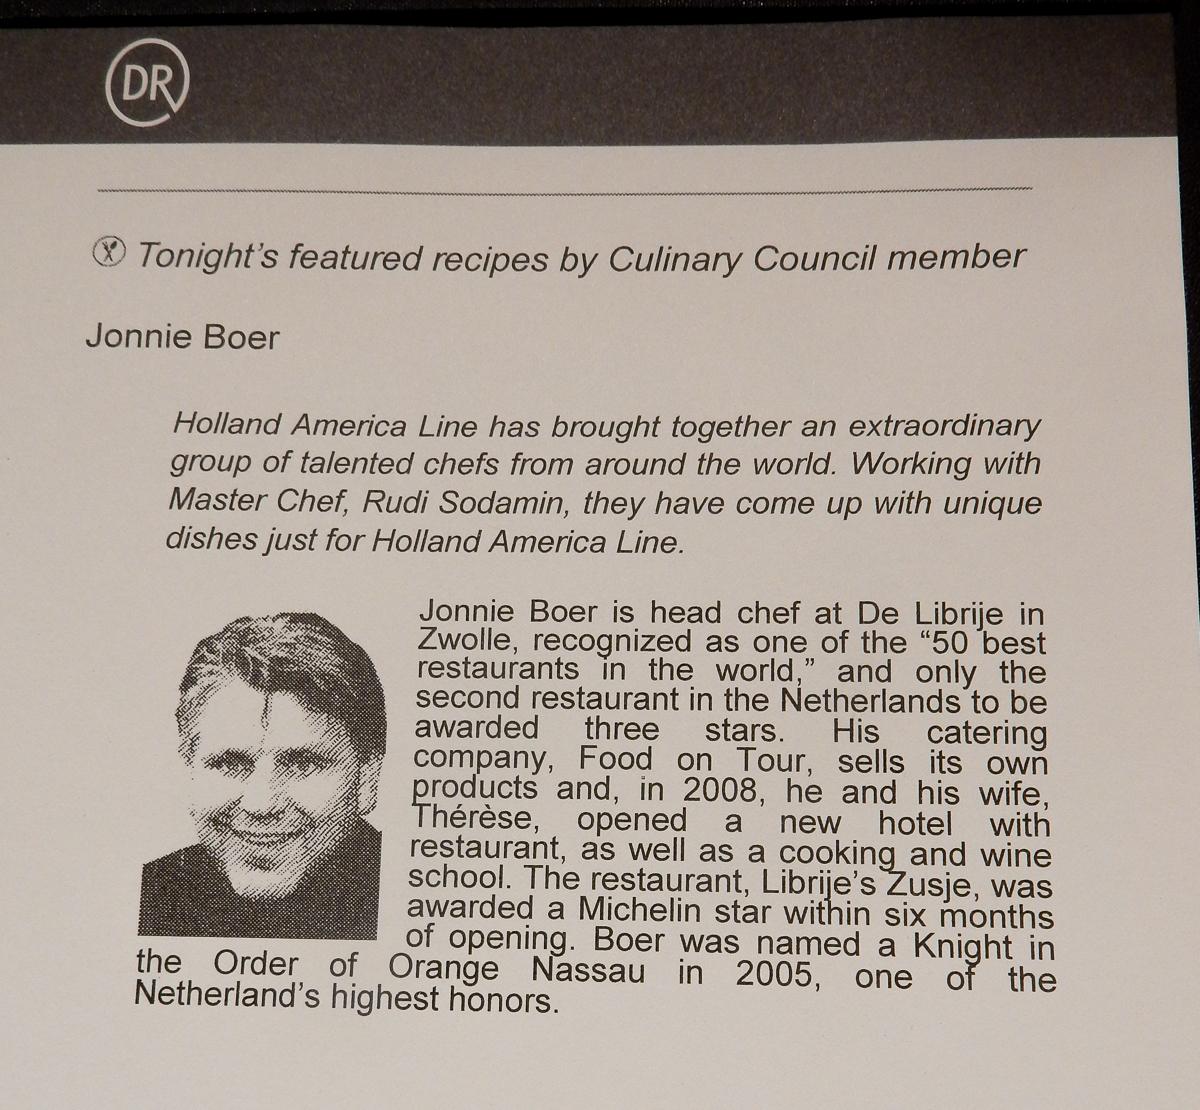 Informationen zu Jonnie Boer auf der Eurodam